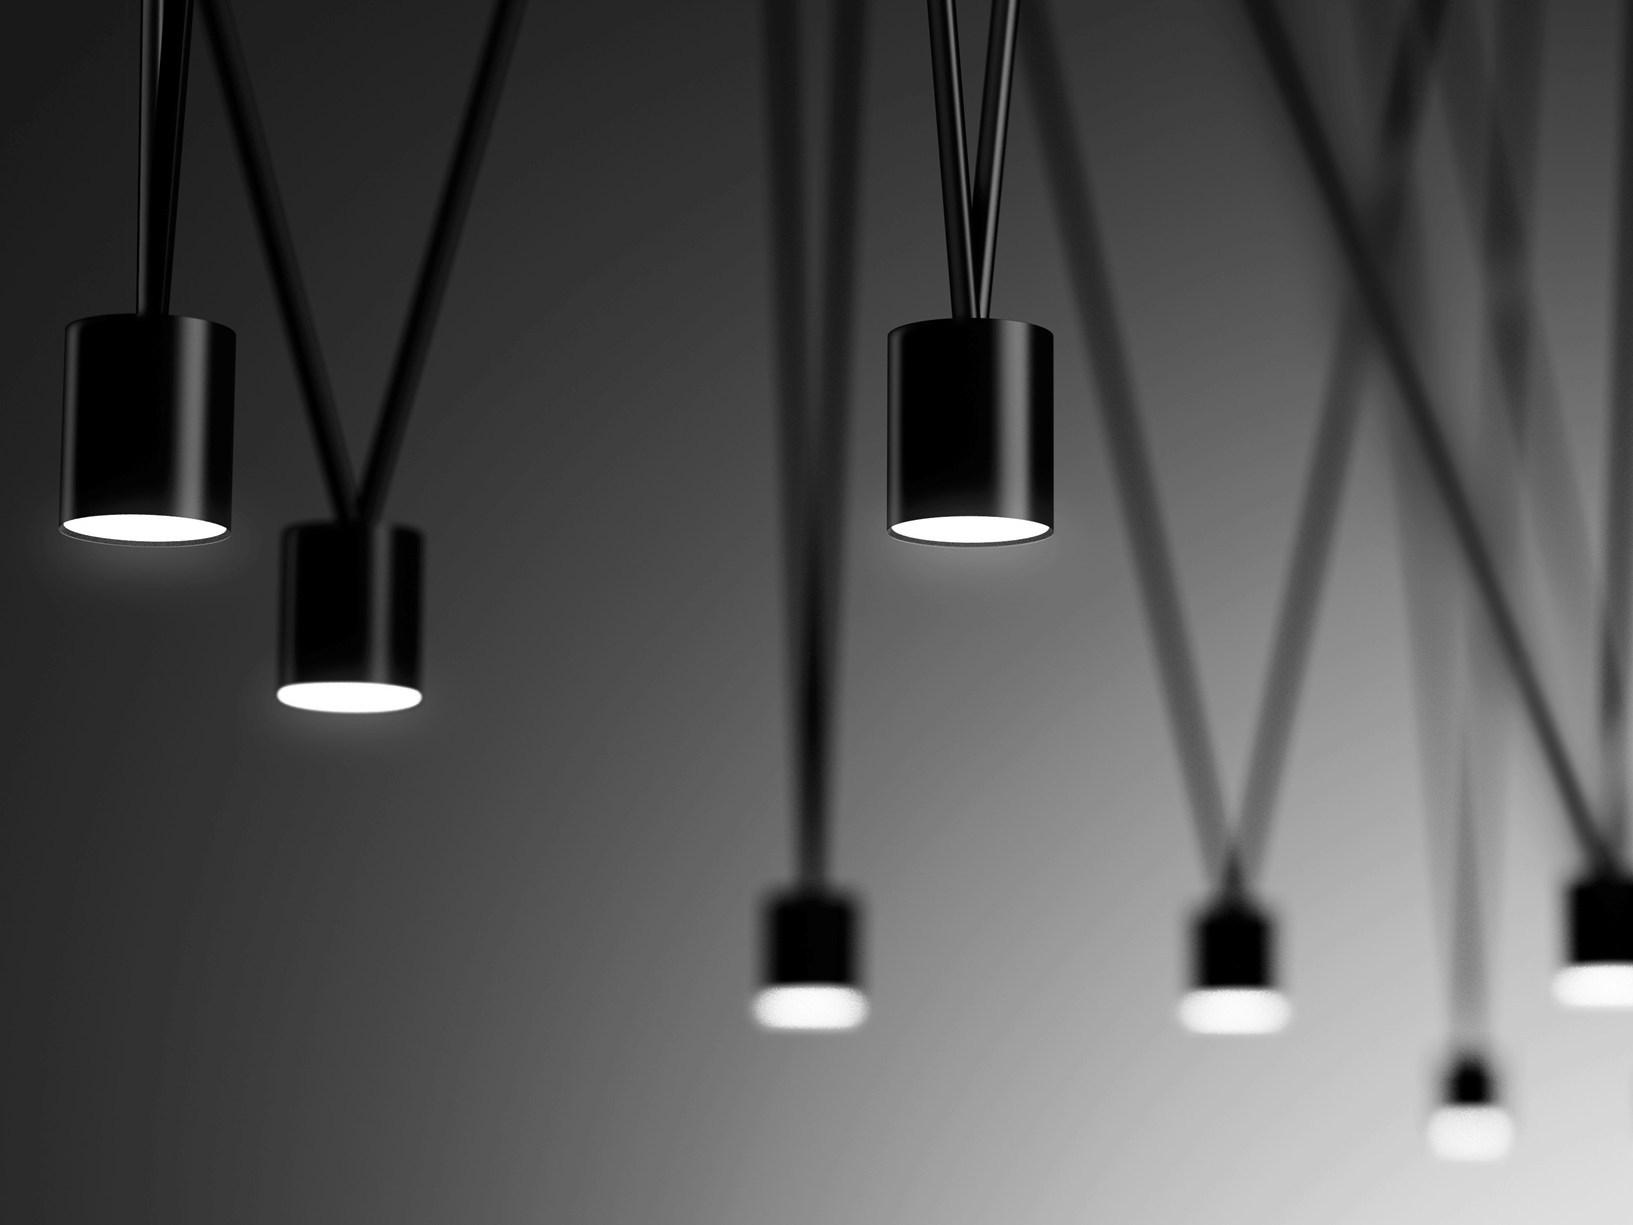 Scultura e illuminazione per spazi pieni di creativit - Illuminazione design interni ...